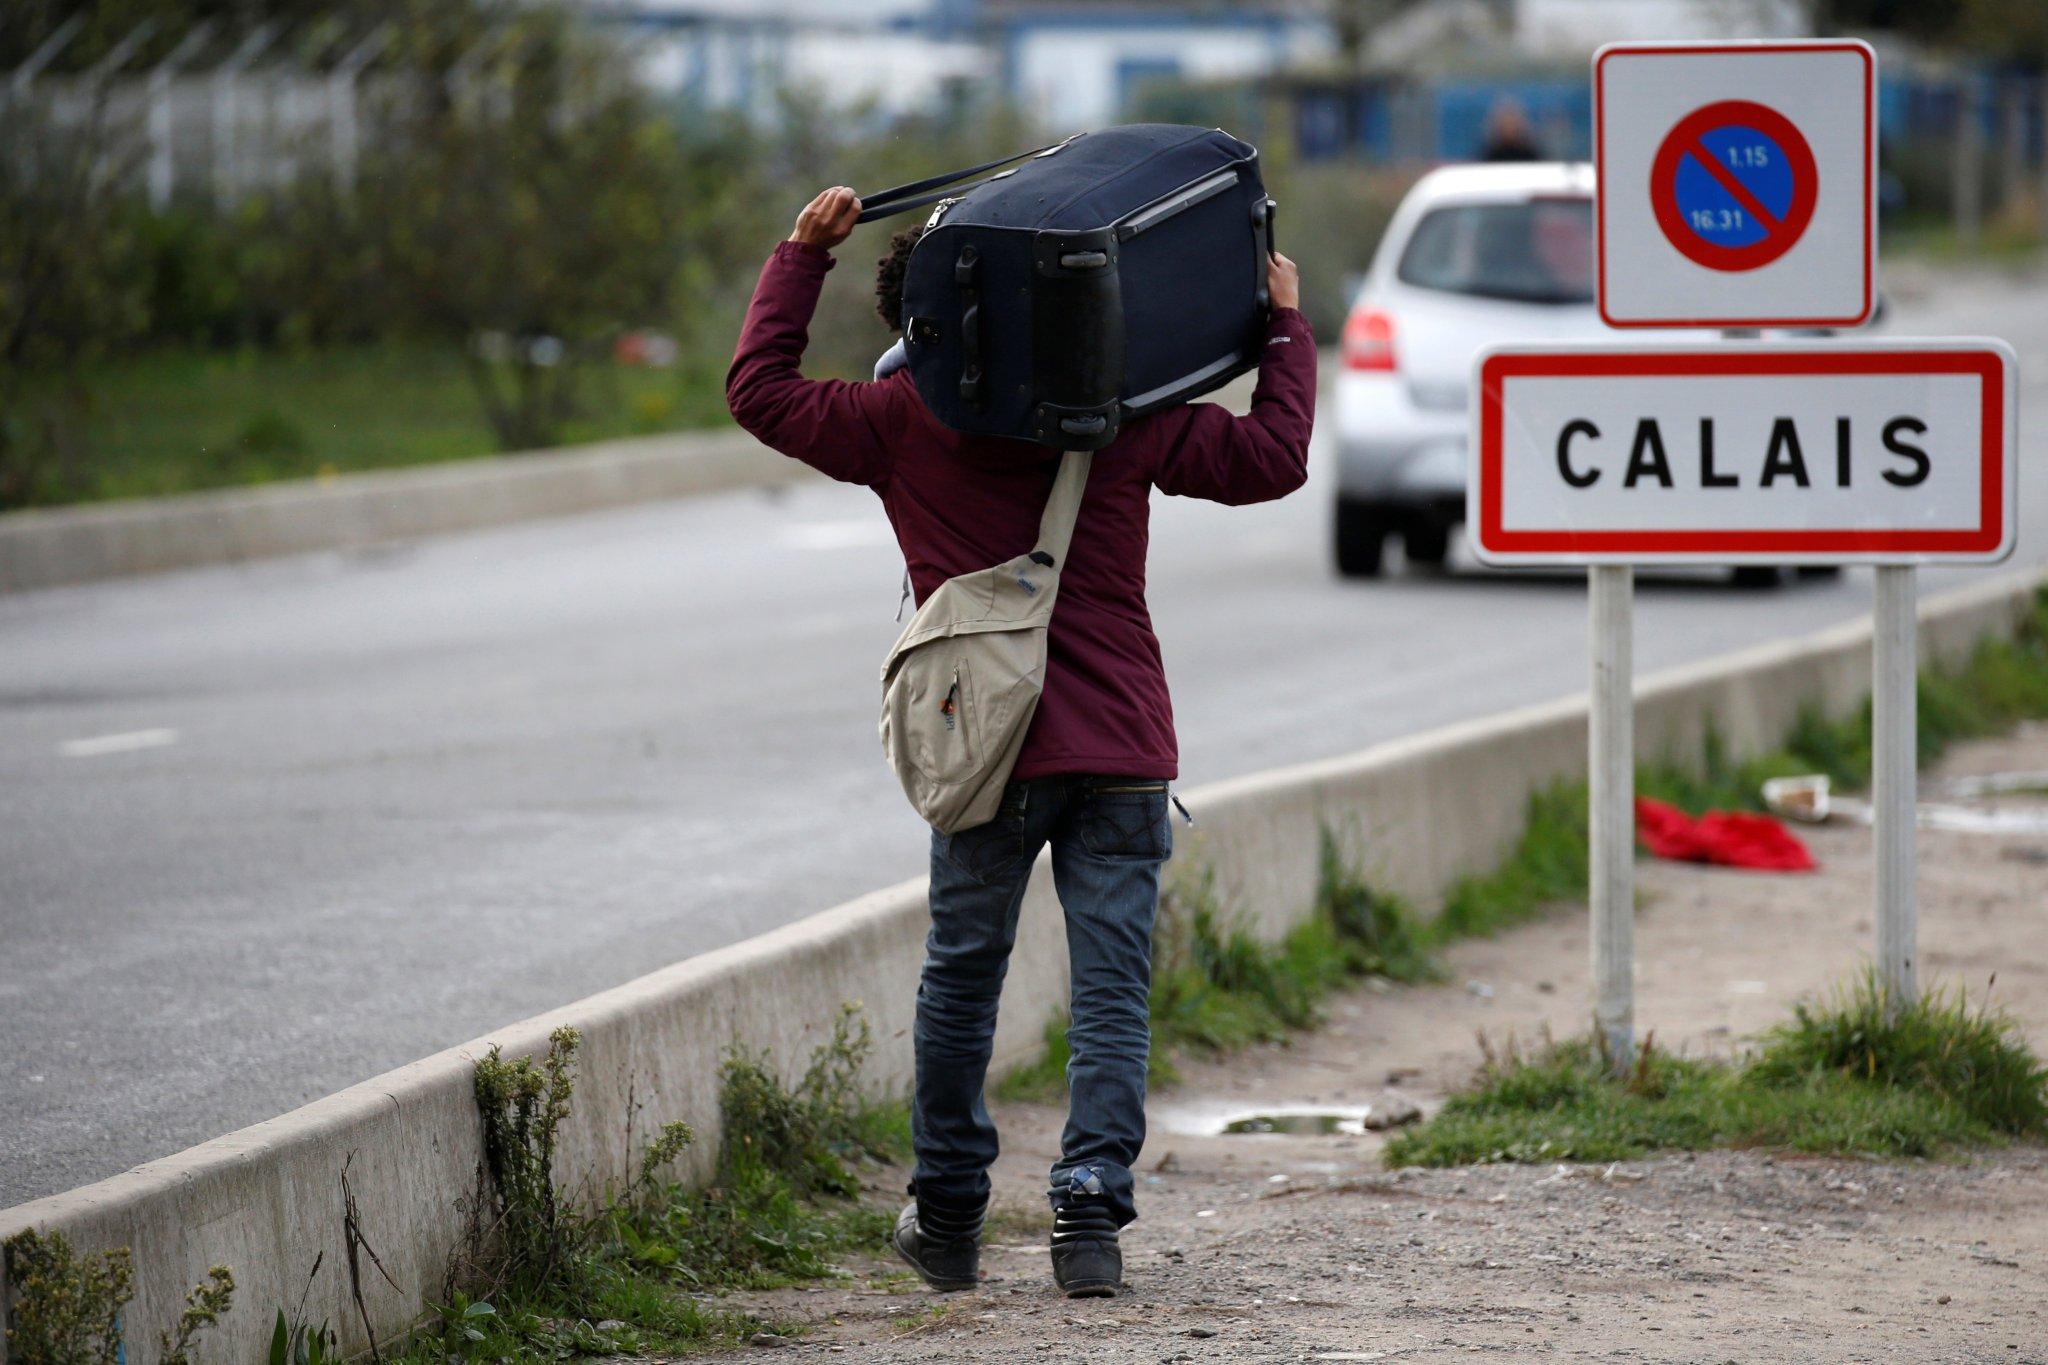 Francia: Desmantelan campamento de refugiados más grande de Europa